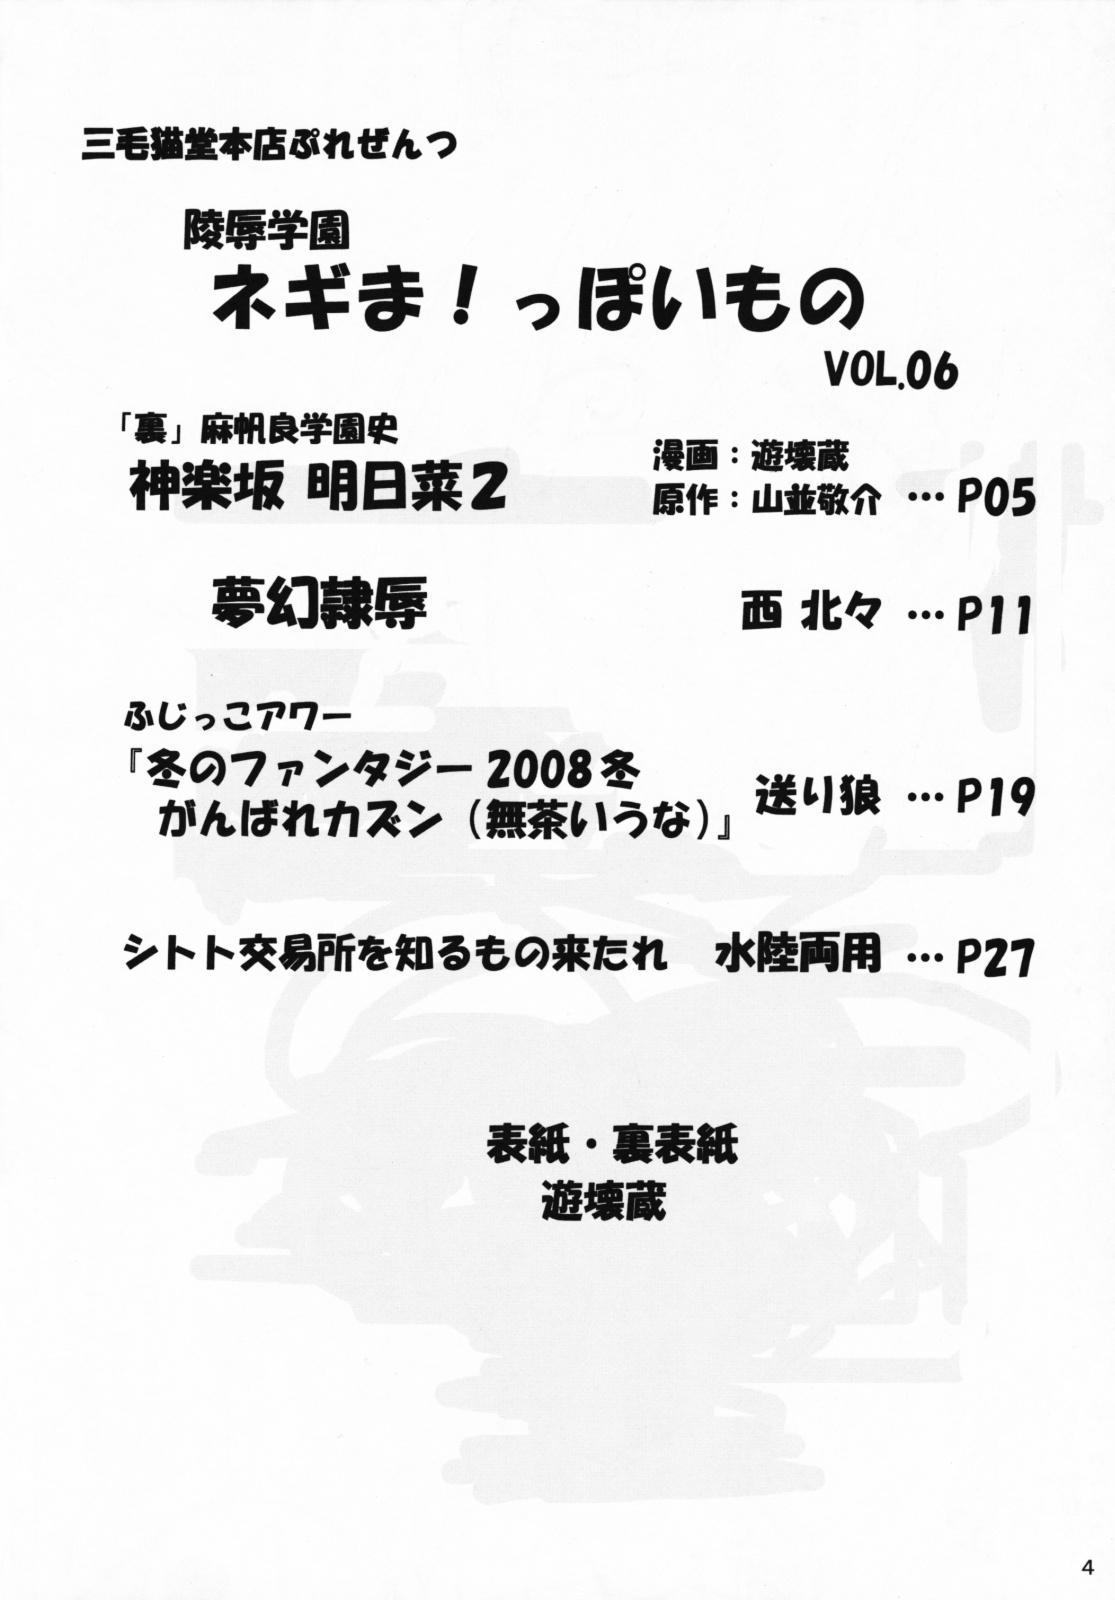 Ryoujoku Gakuen Negima! Poimono Vol.06 2